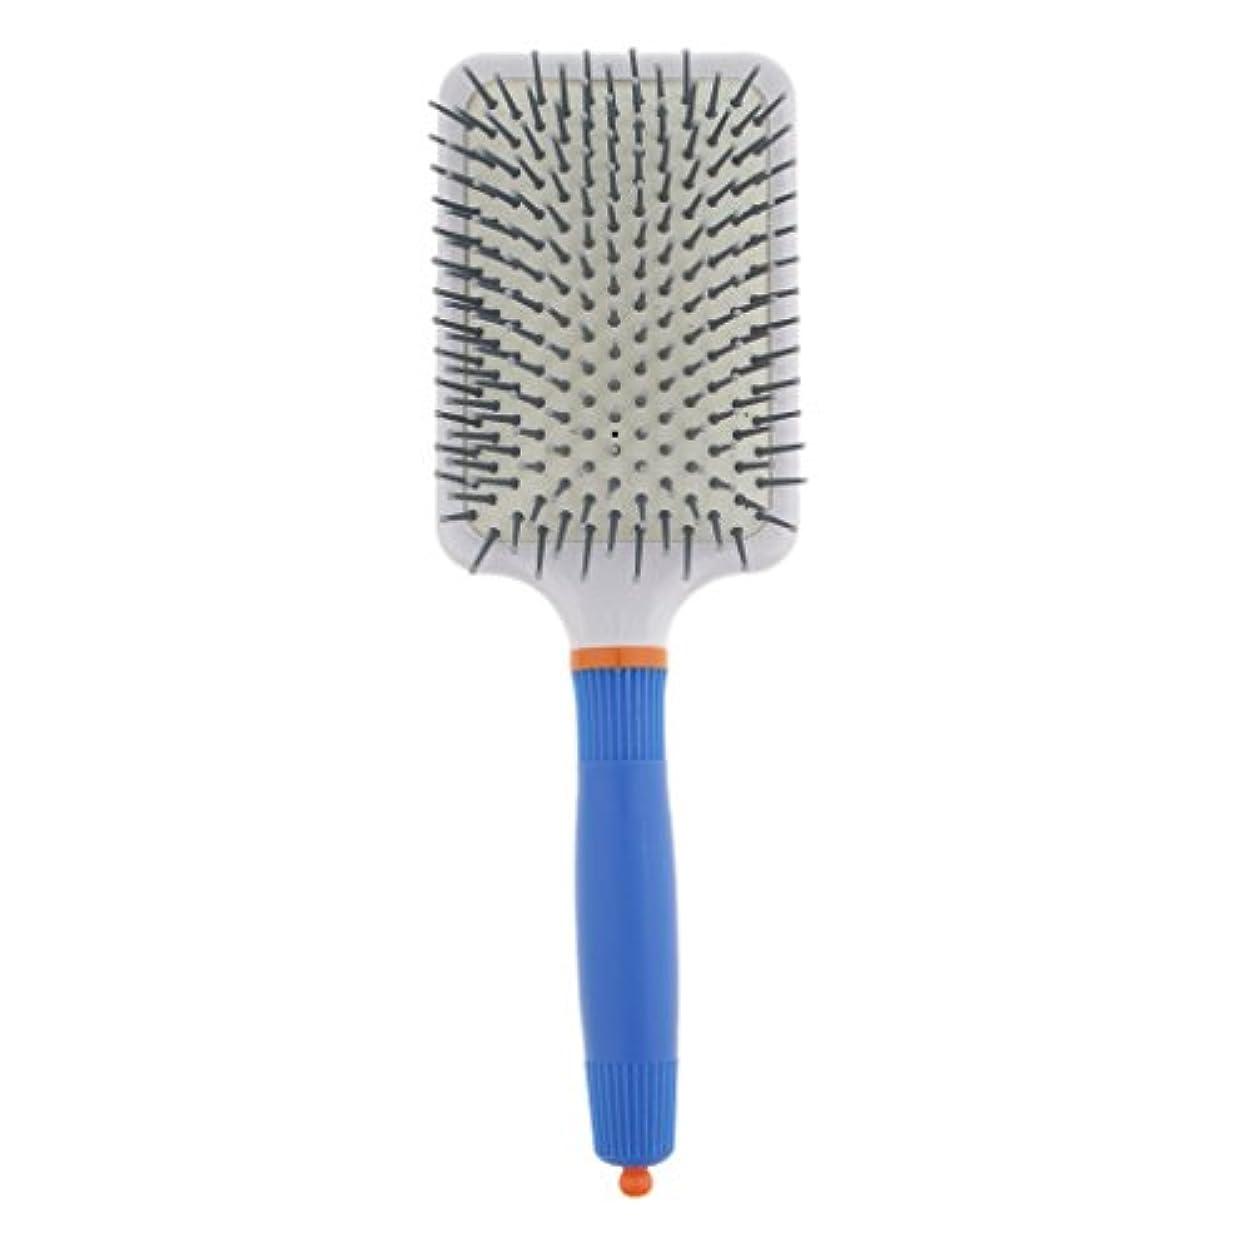 タブレット恐怖症ピカリングプラスチック製 ブラシ 頭皮マッサージブラシ フラットヘアブラシ 櫛 静電気防止 全2色 - ダークブルー